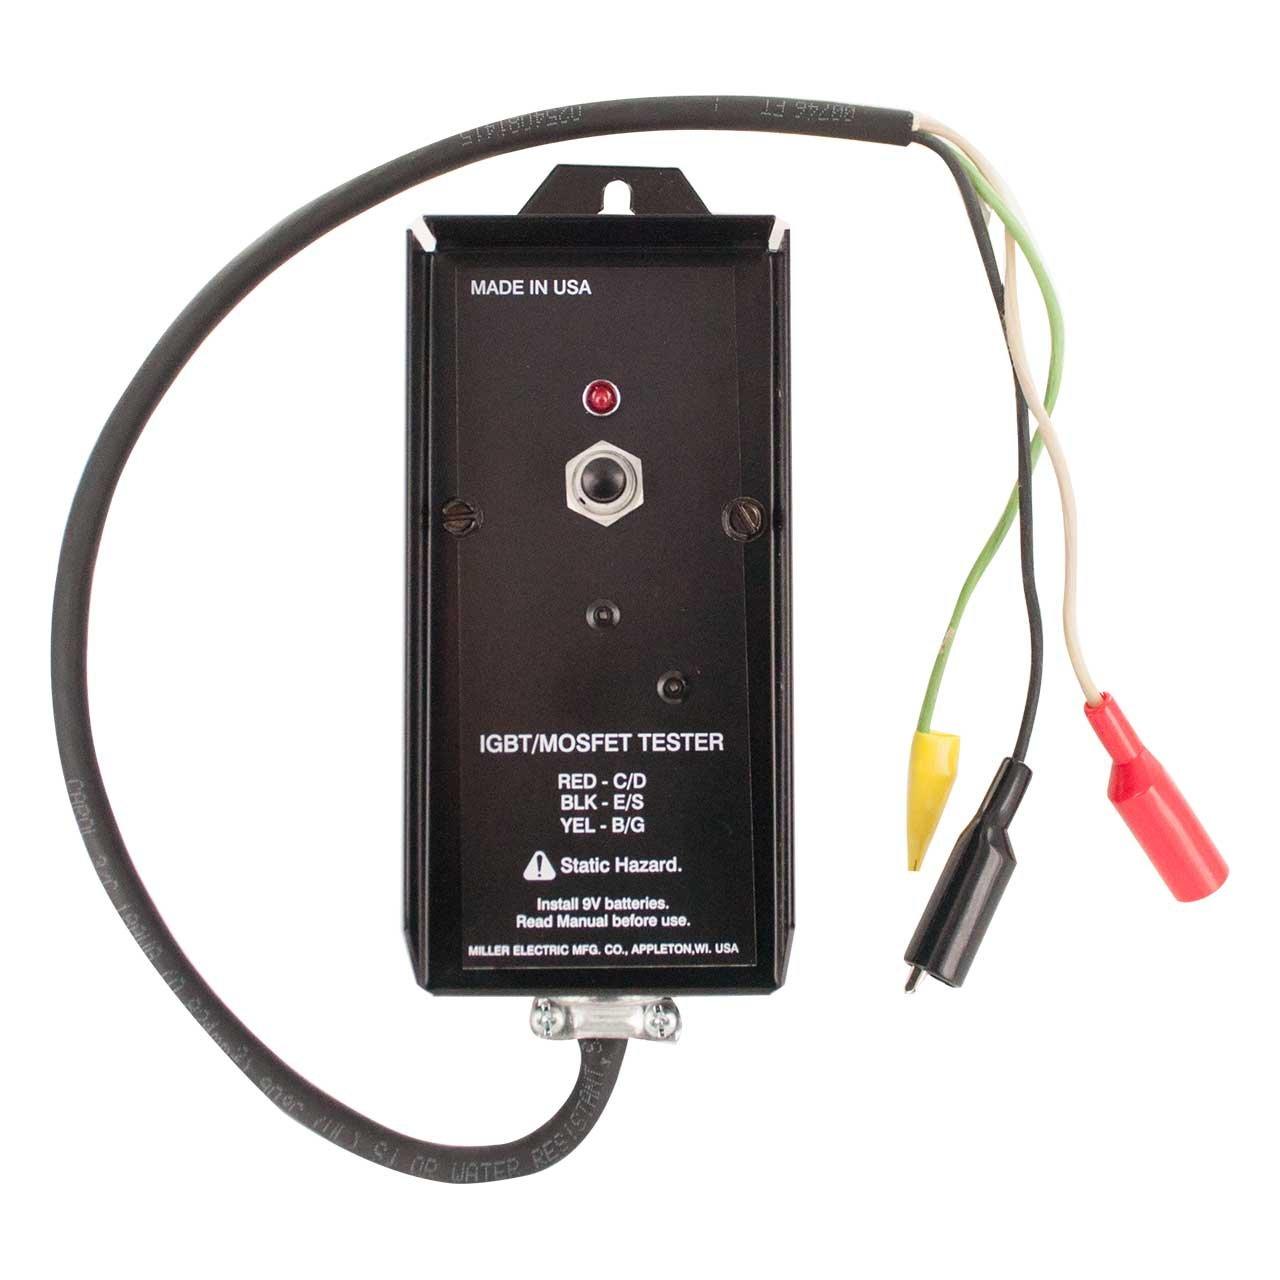 Miller 043553 Component Tester for IGBT/MOSFET Transistors ...